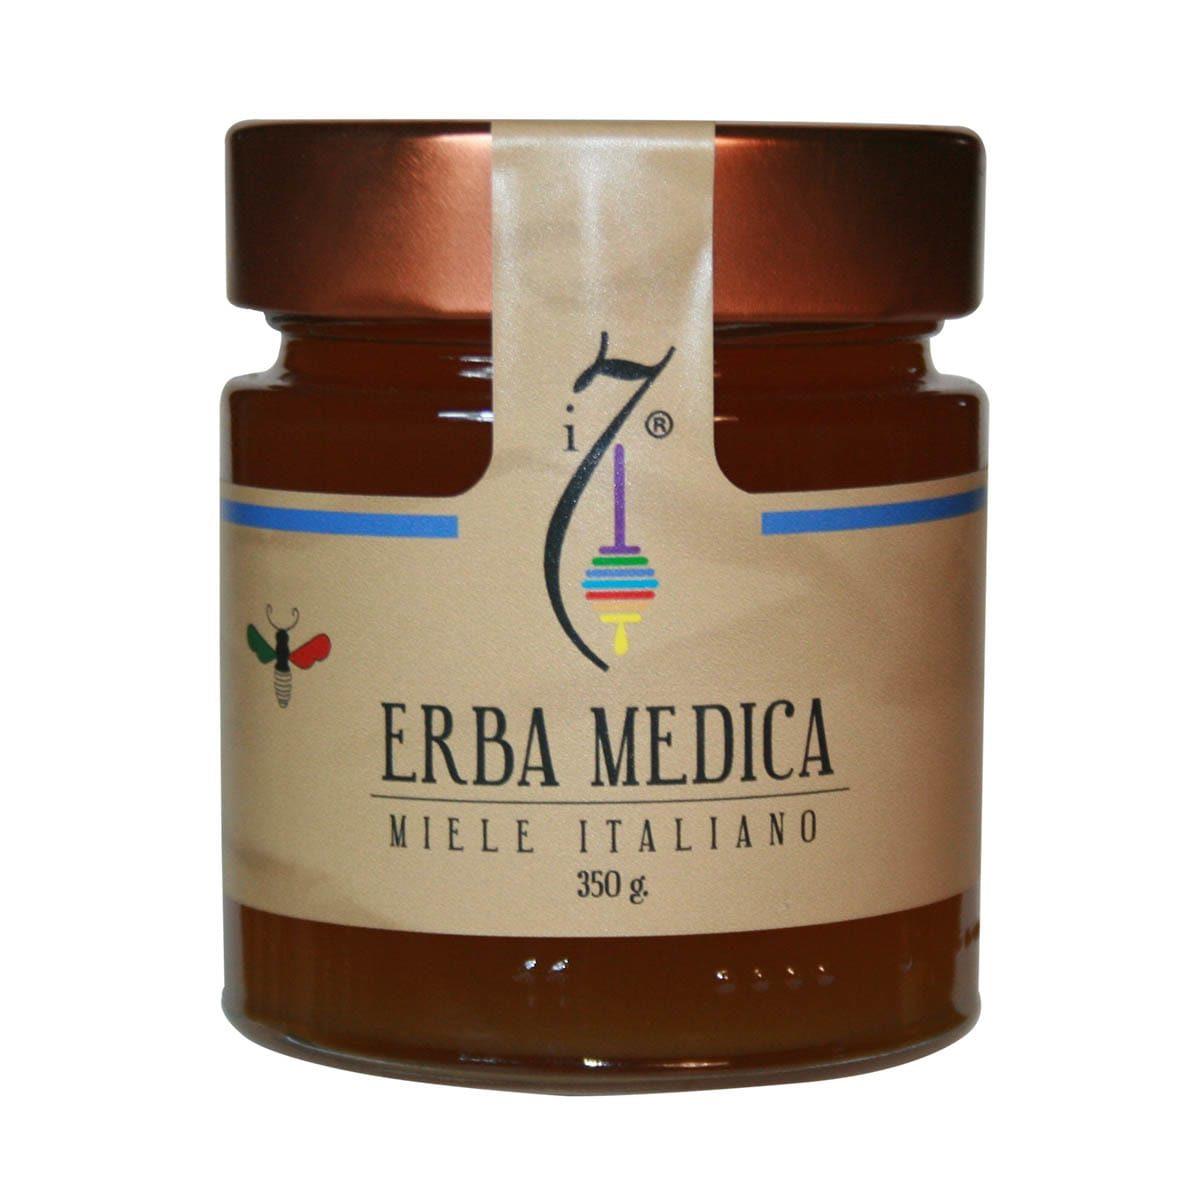 Miele di Erba Medica i 7 350 gr